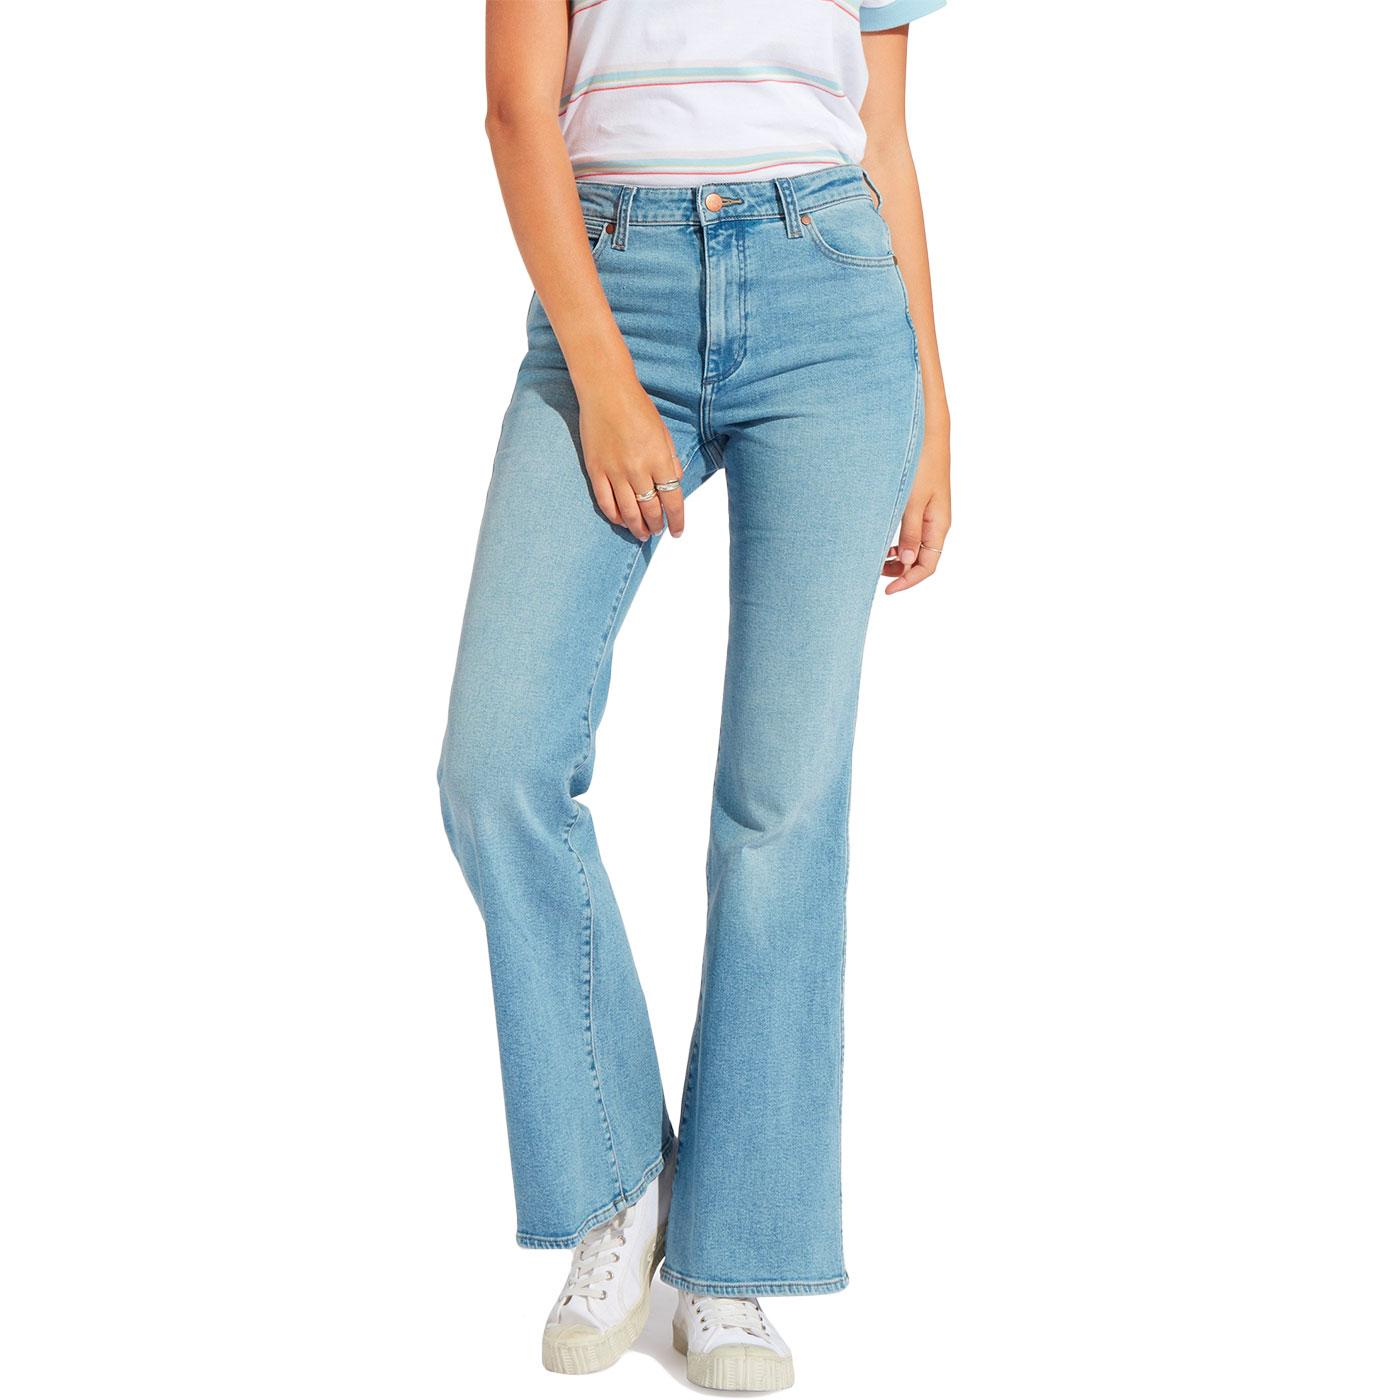 WRANGLER Women's 70s Retro Flare Jeans DESERT SKY